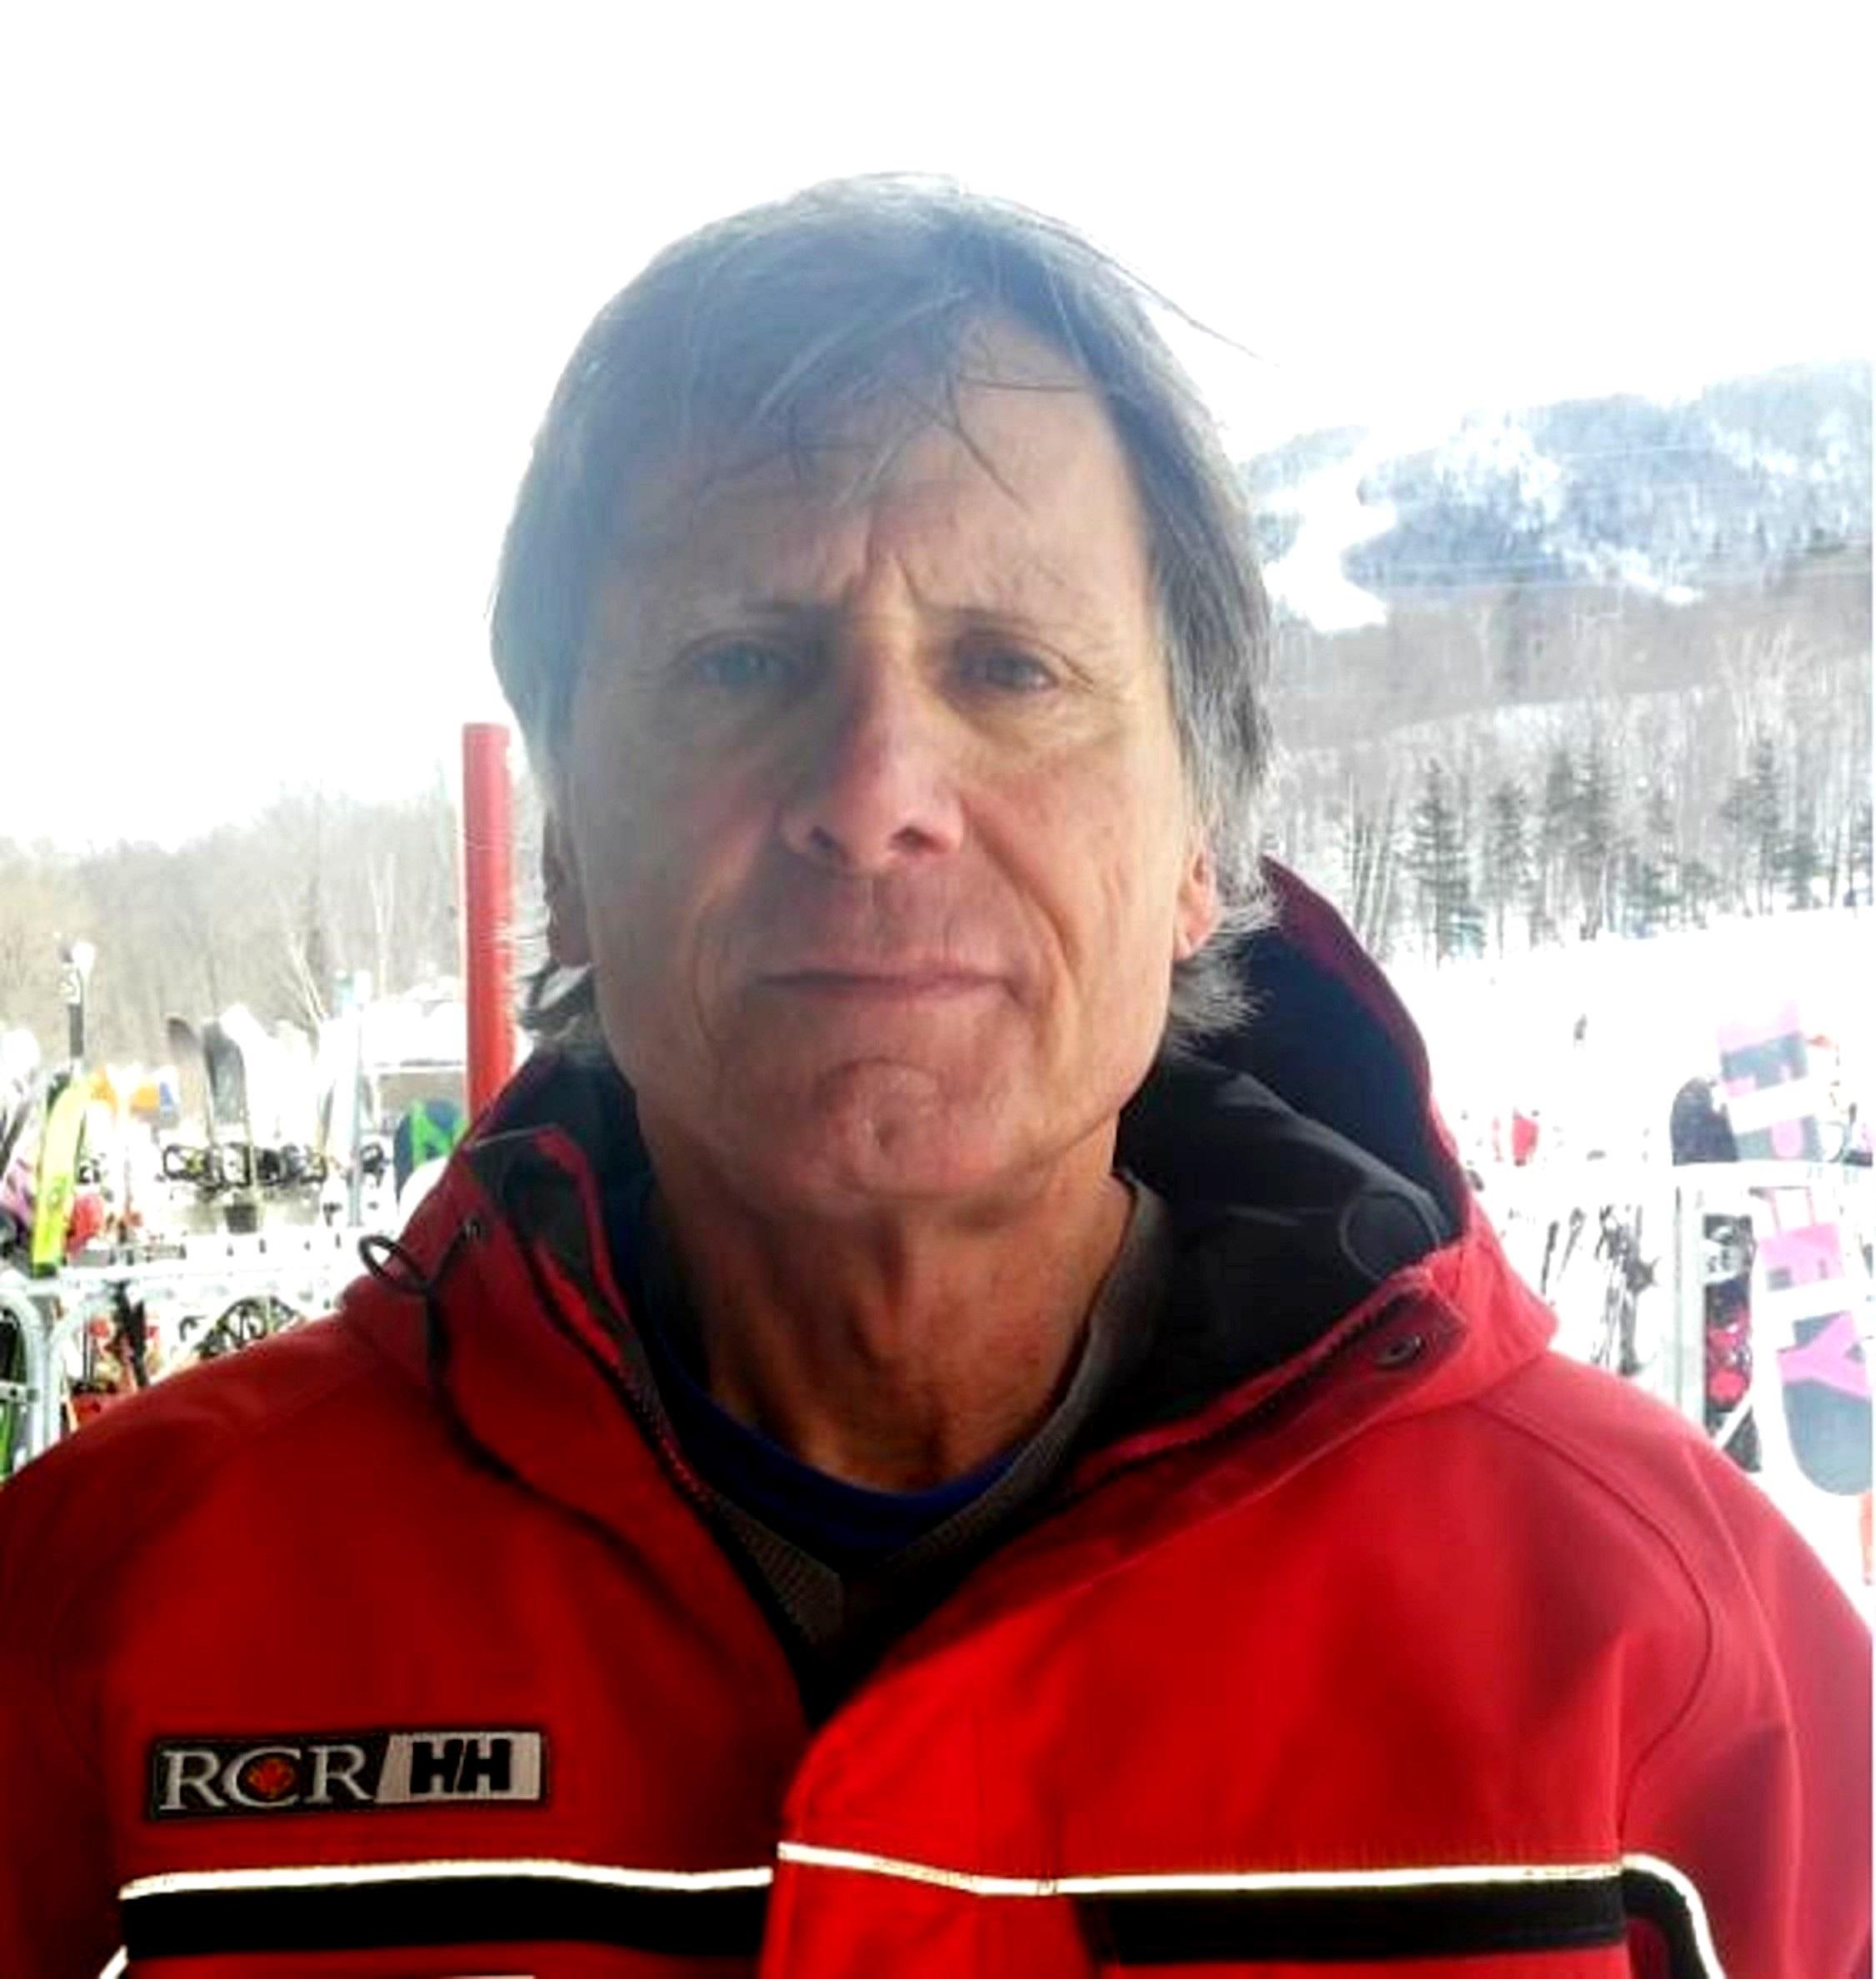 Christian Lepage a été moniteur-entraîneur de ski alpin pendant 28 ans au Mont-Comi et plus tard au mont Sainte-Anne. Originaire de Rimouski, il travaille maintenant à Québec.